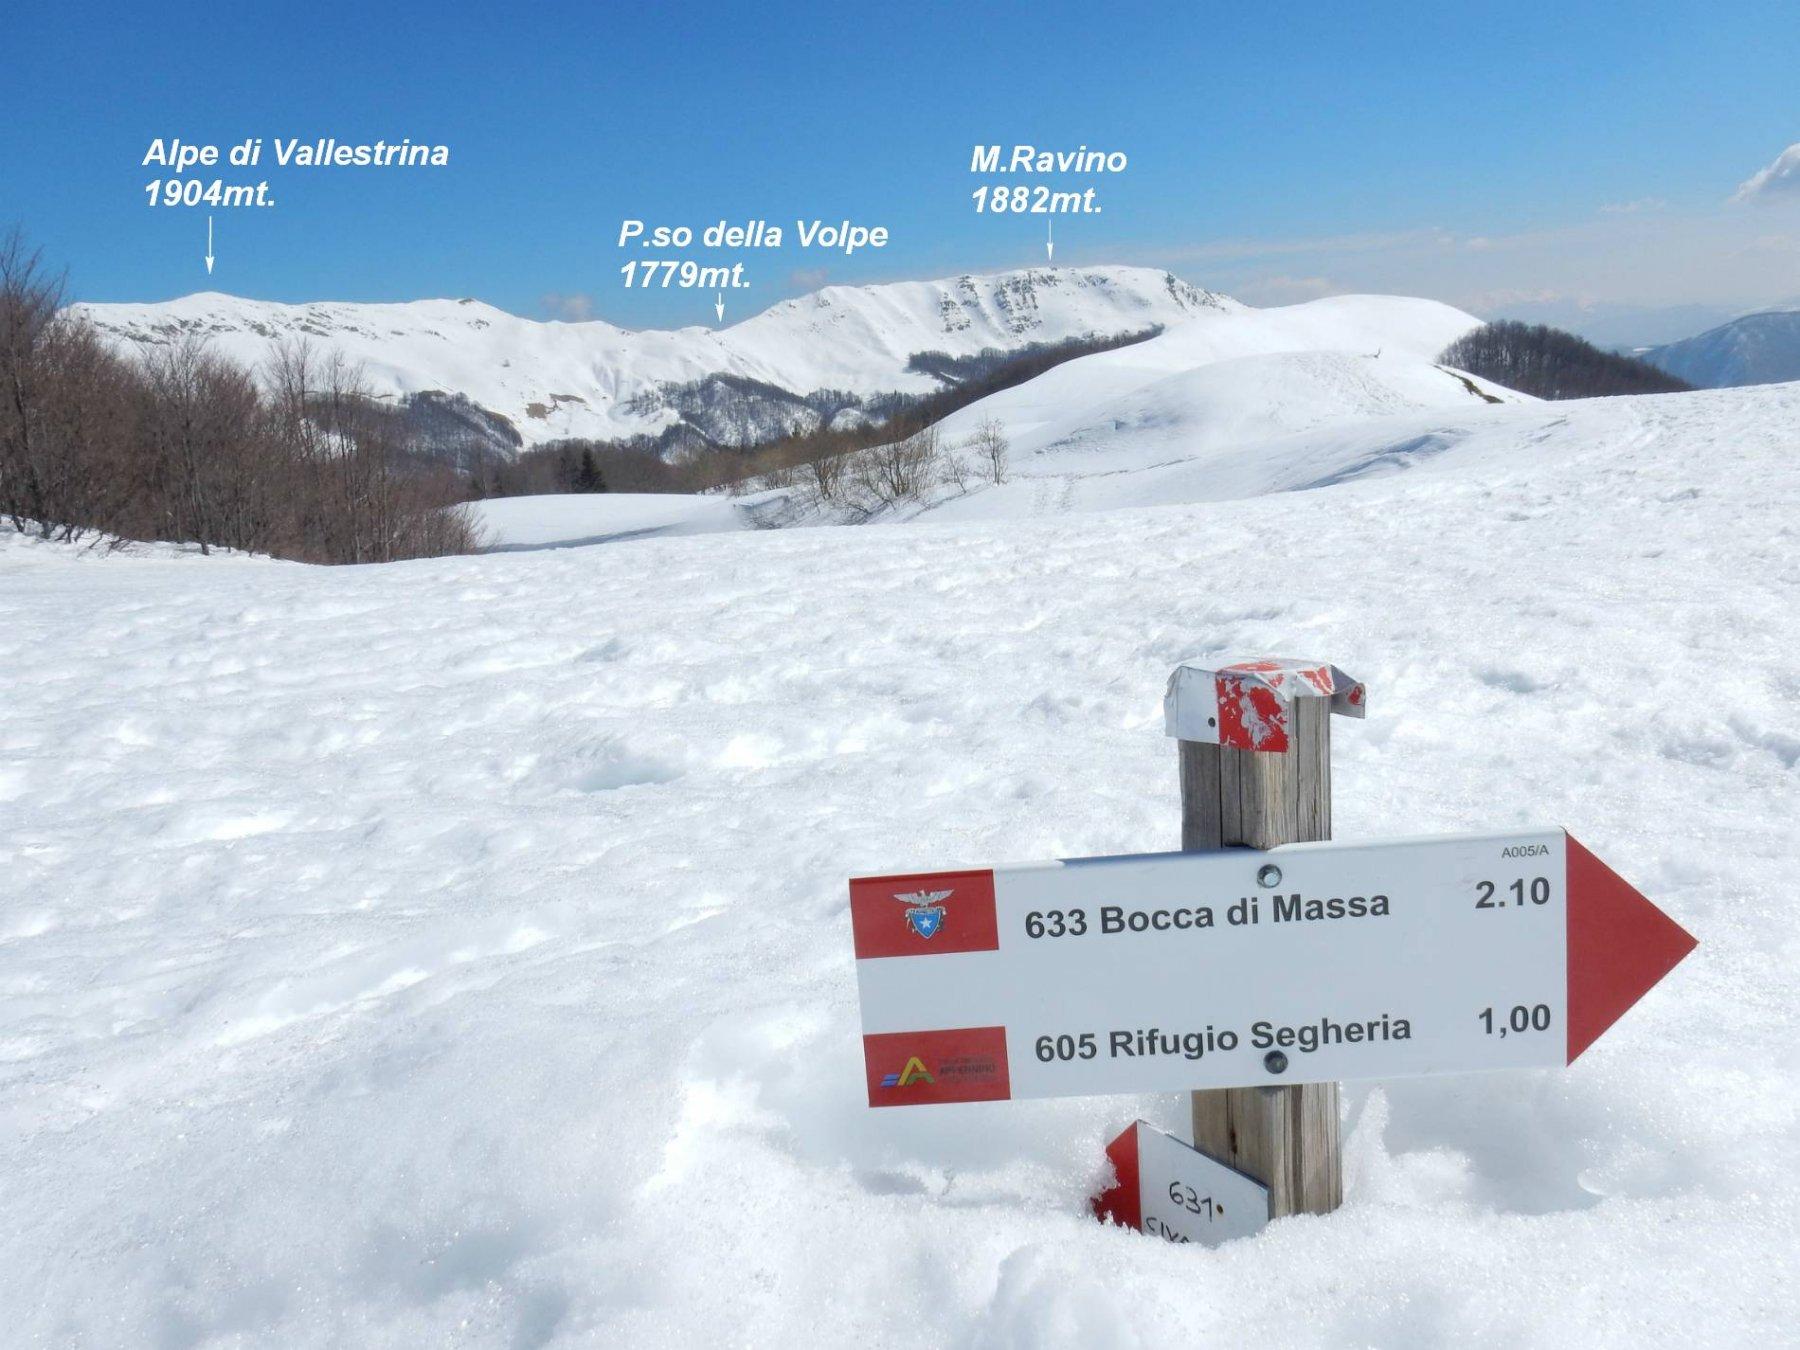 Arriviamo al P.so di Lama Lite 1781mt. dove la neve copre quasi le paline.